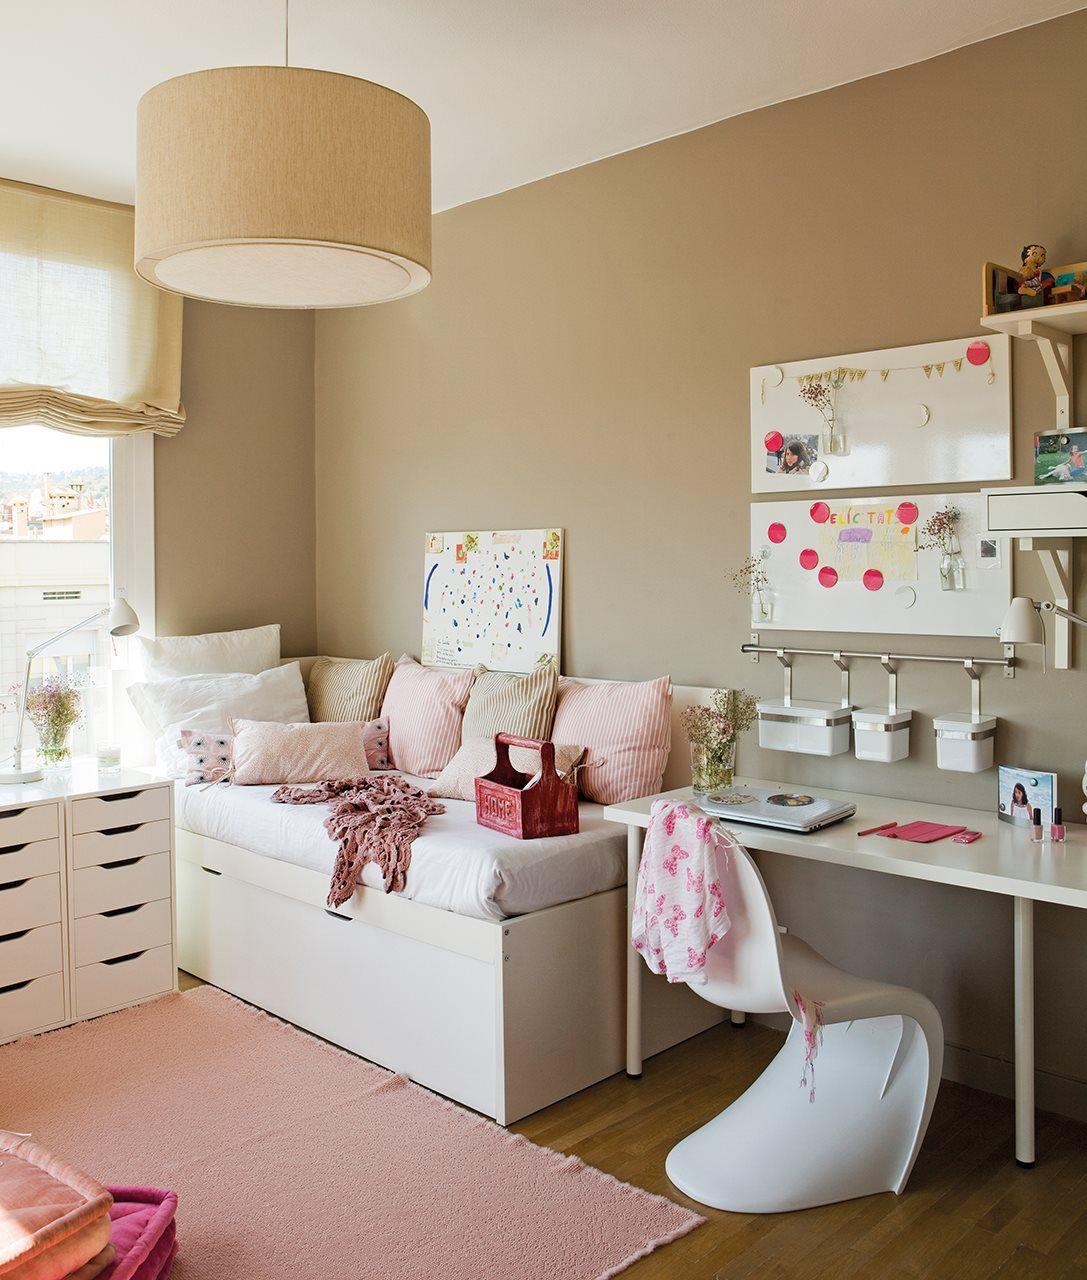 ideas de cuartos ideas para decorar cuartos juveniles bebes juveniles decoracion de dormitorios juveniles ideas